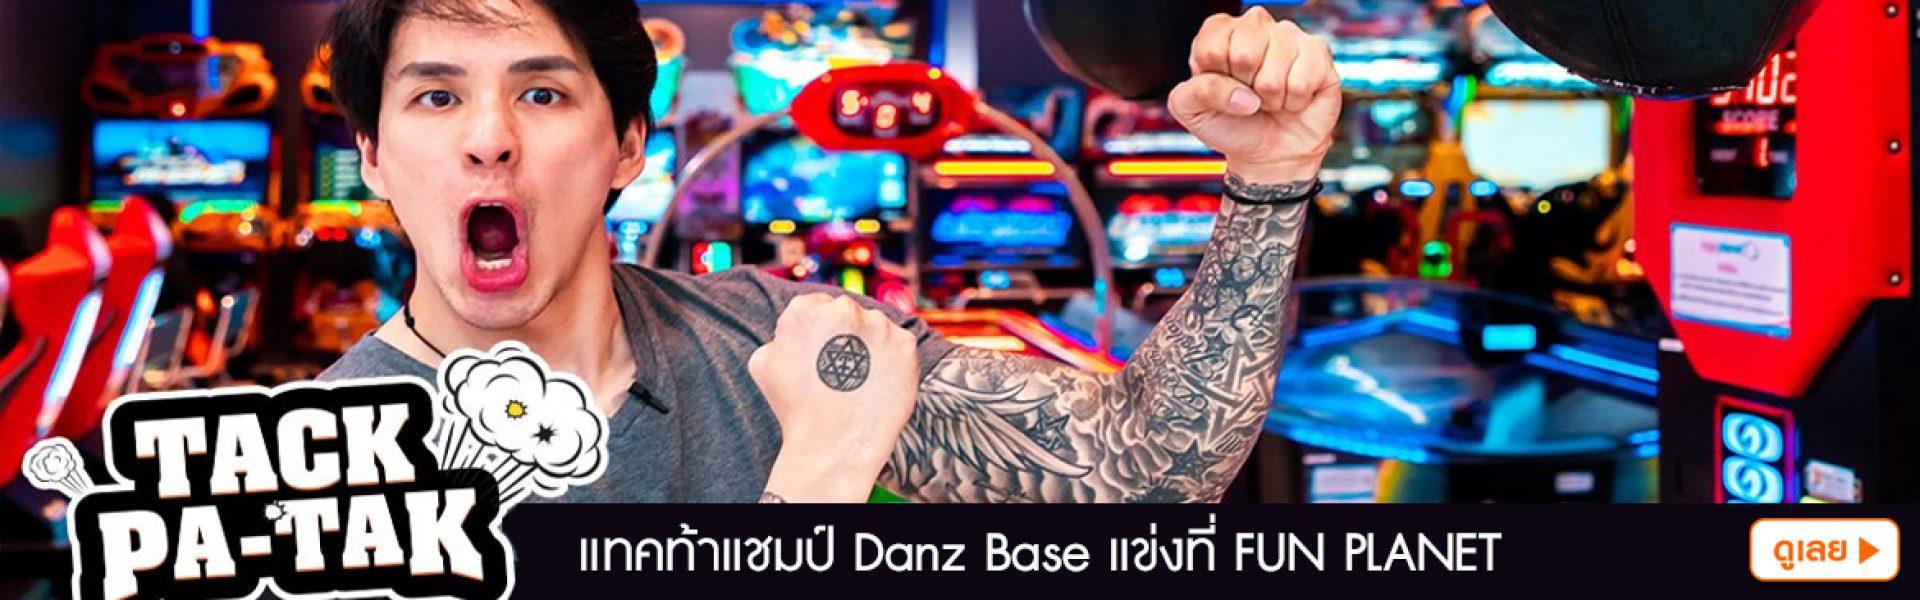 แทคพาแตก ตอนที่ 7 แทคท้าแชมป์ Danz Base แตกที่ Fun planet โซน E-Sports